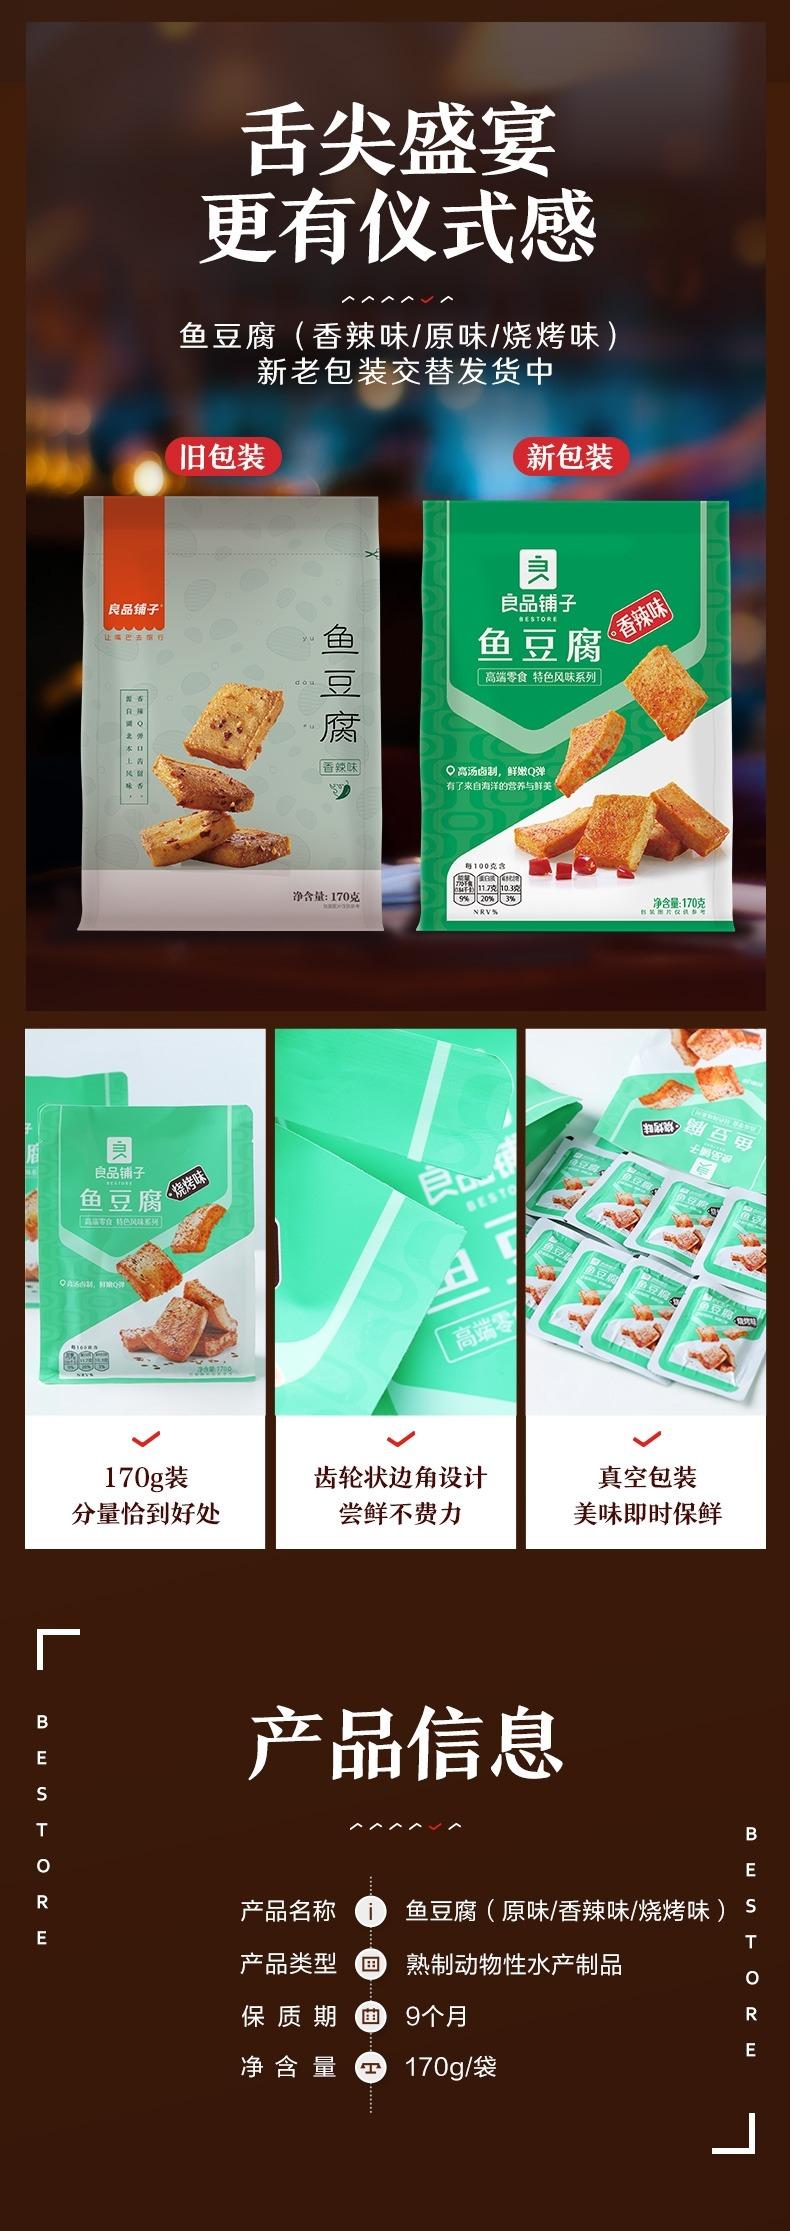 奇妙-良品铺子鱼豆腐香辣味